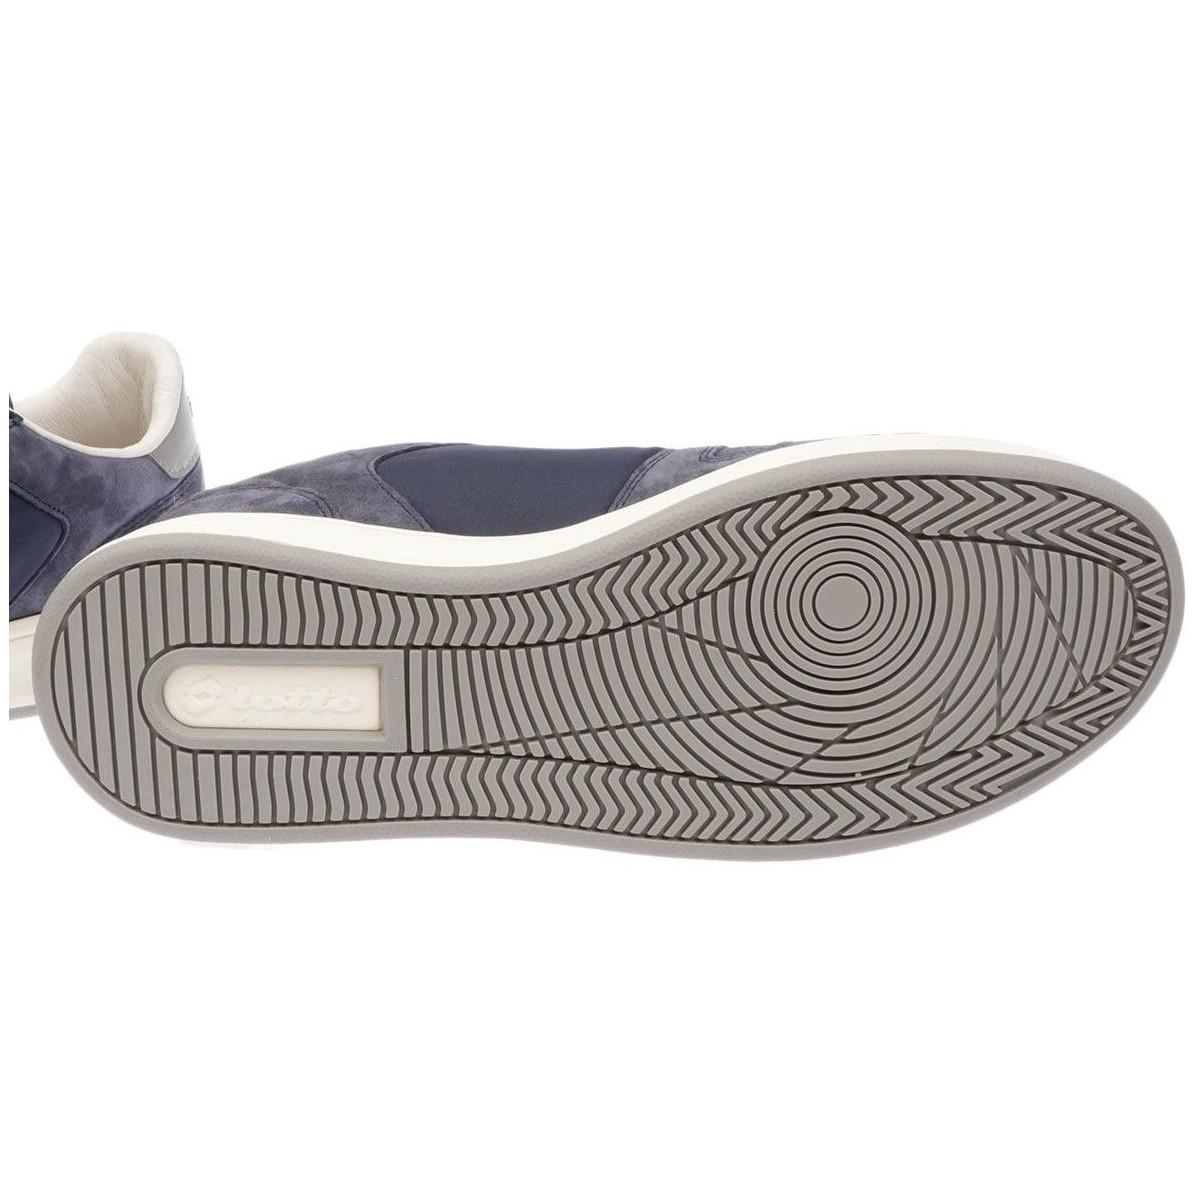 BASKETS HOMME Chaussures Lotto Leggenda pour homme en coloris Bleu sT17